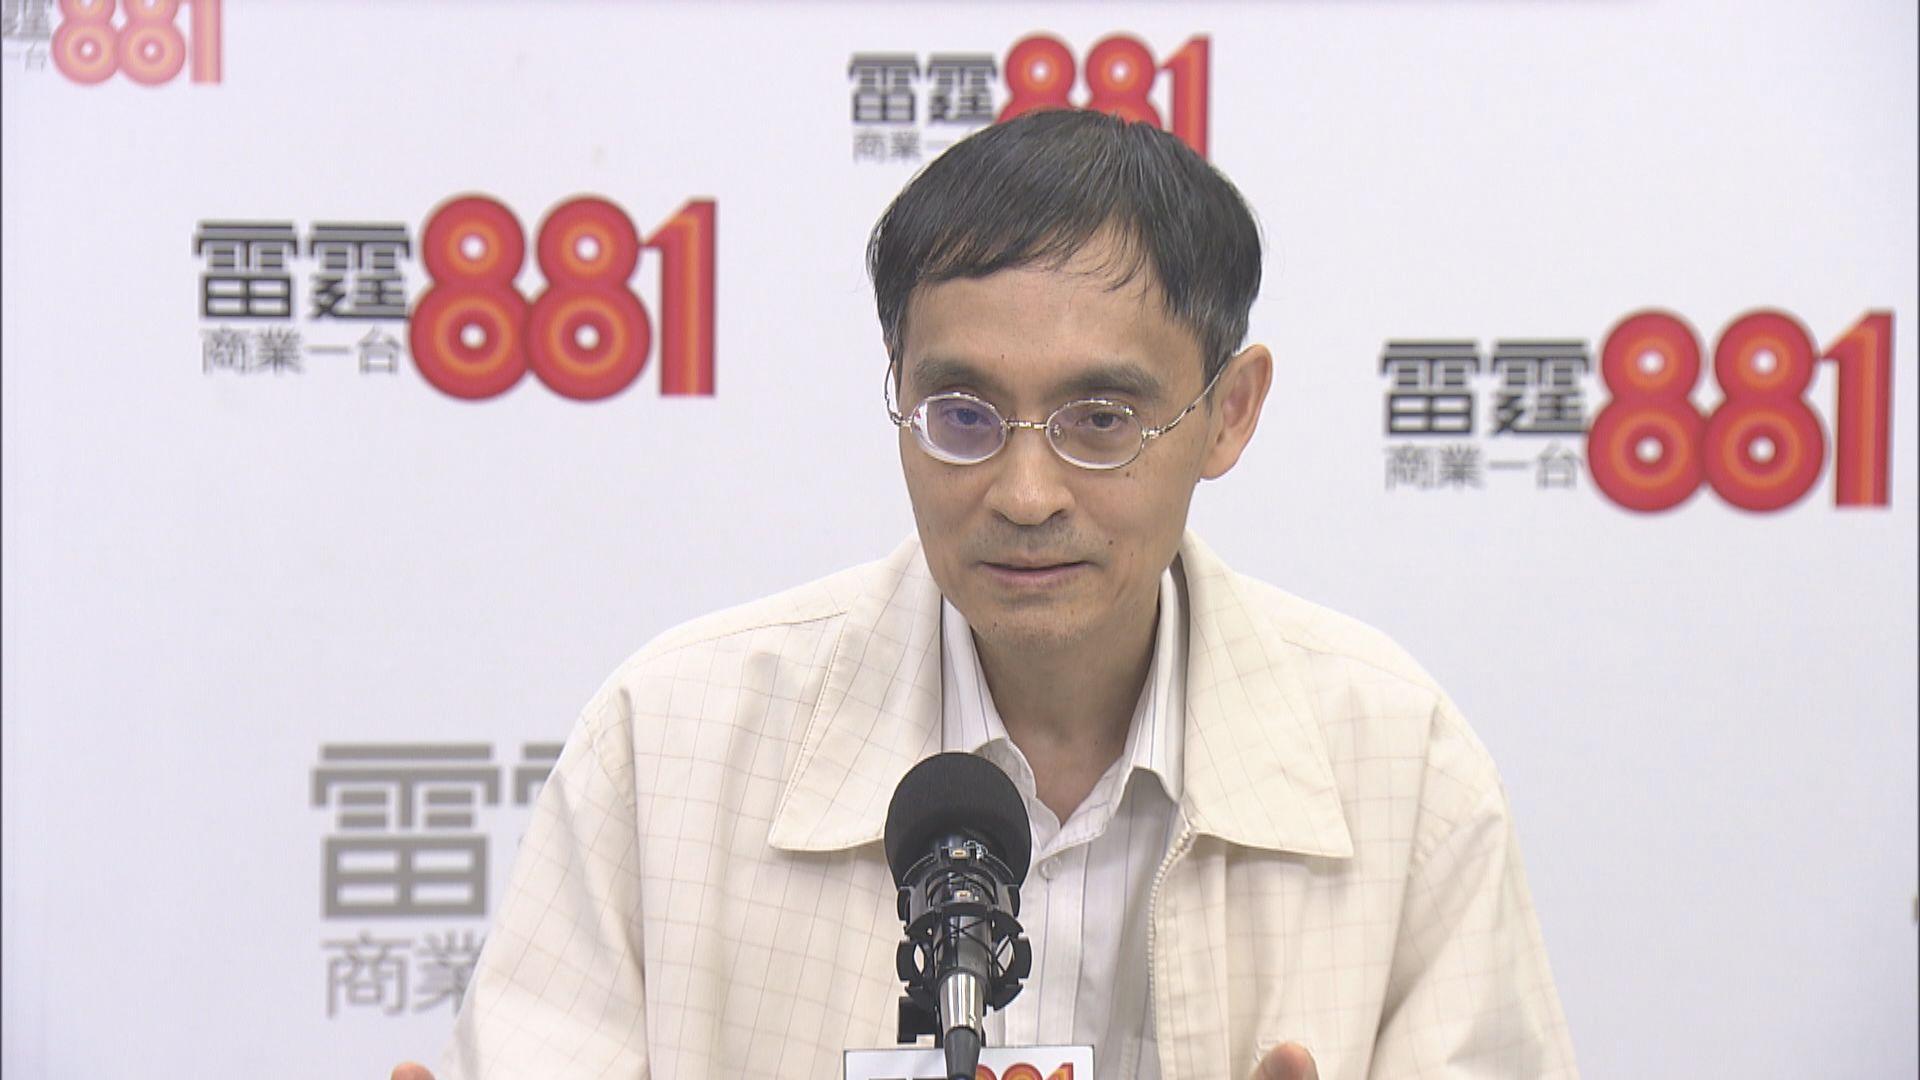 陳弘毅:法官可引國際案例審政治敏感申請